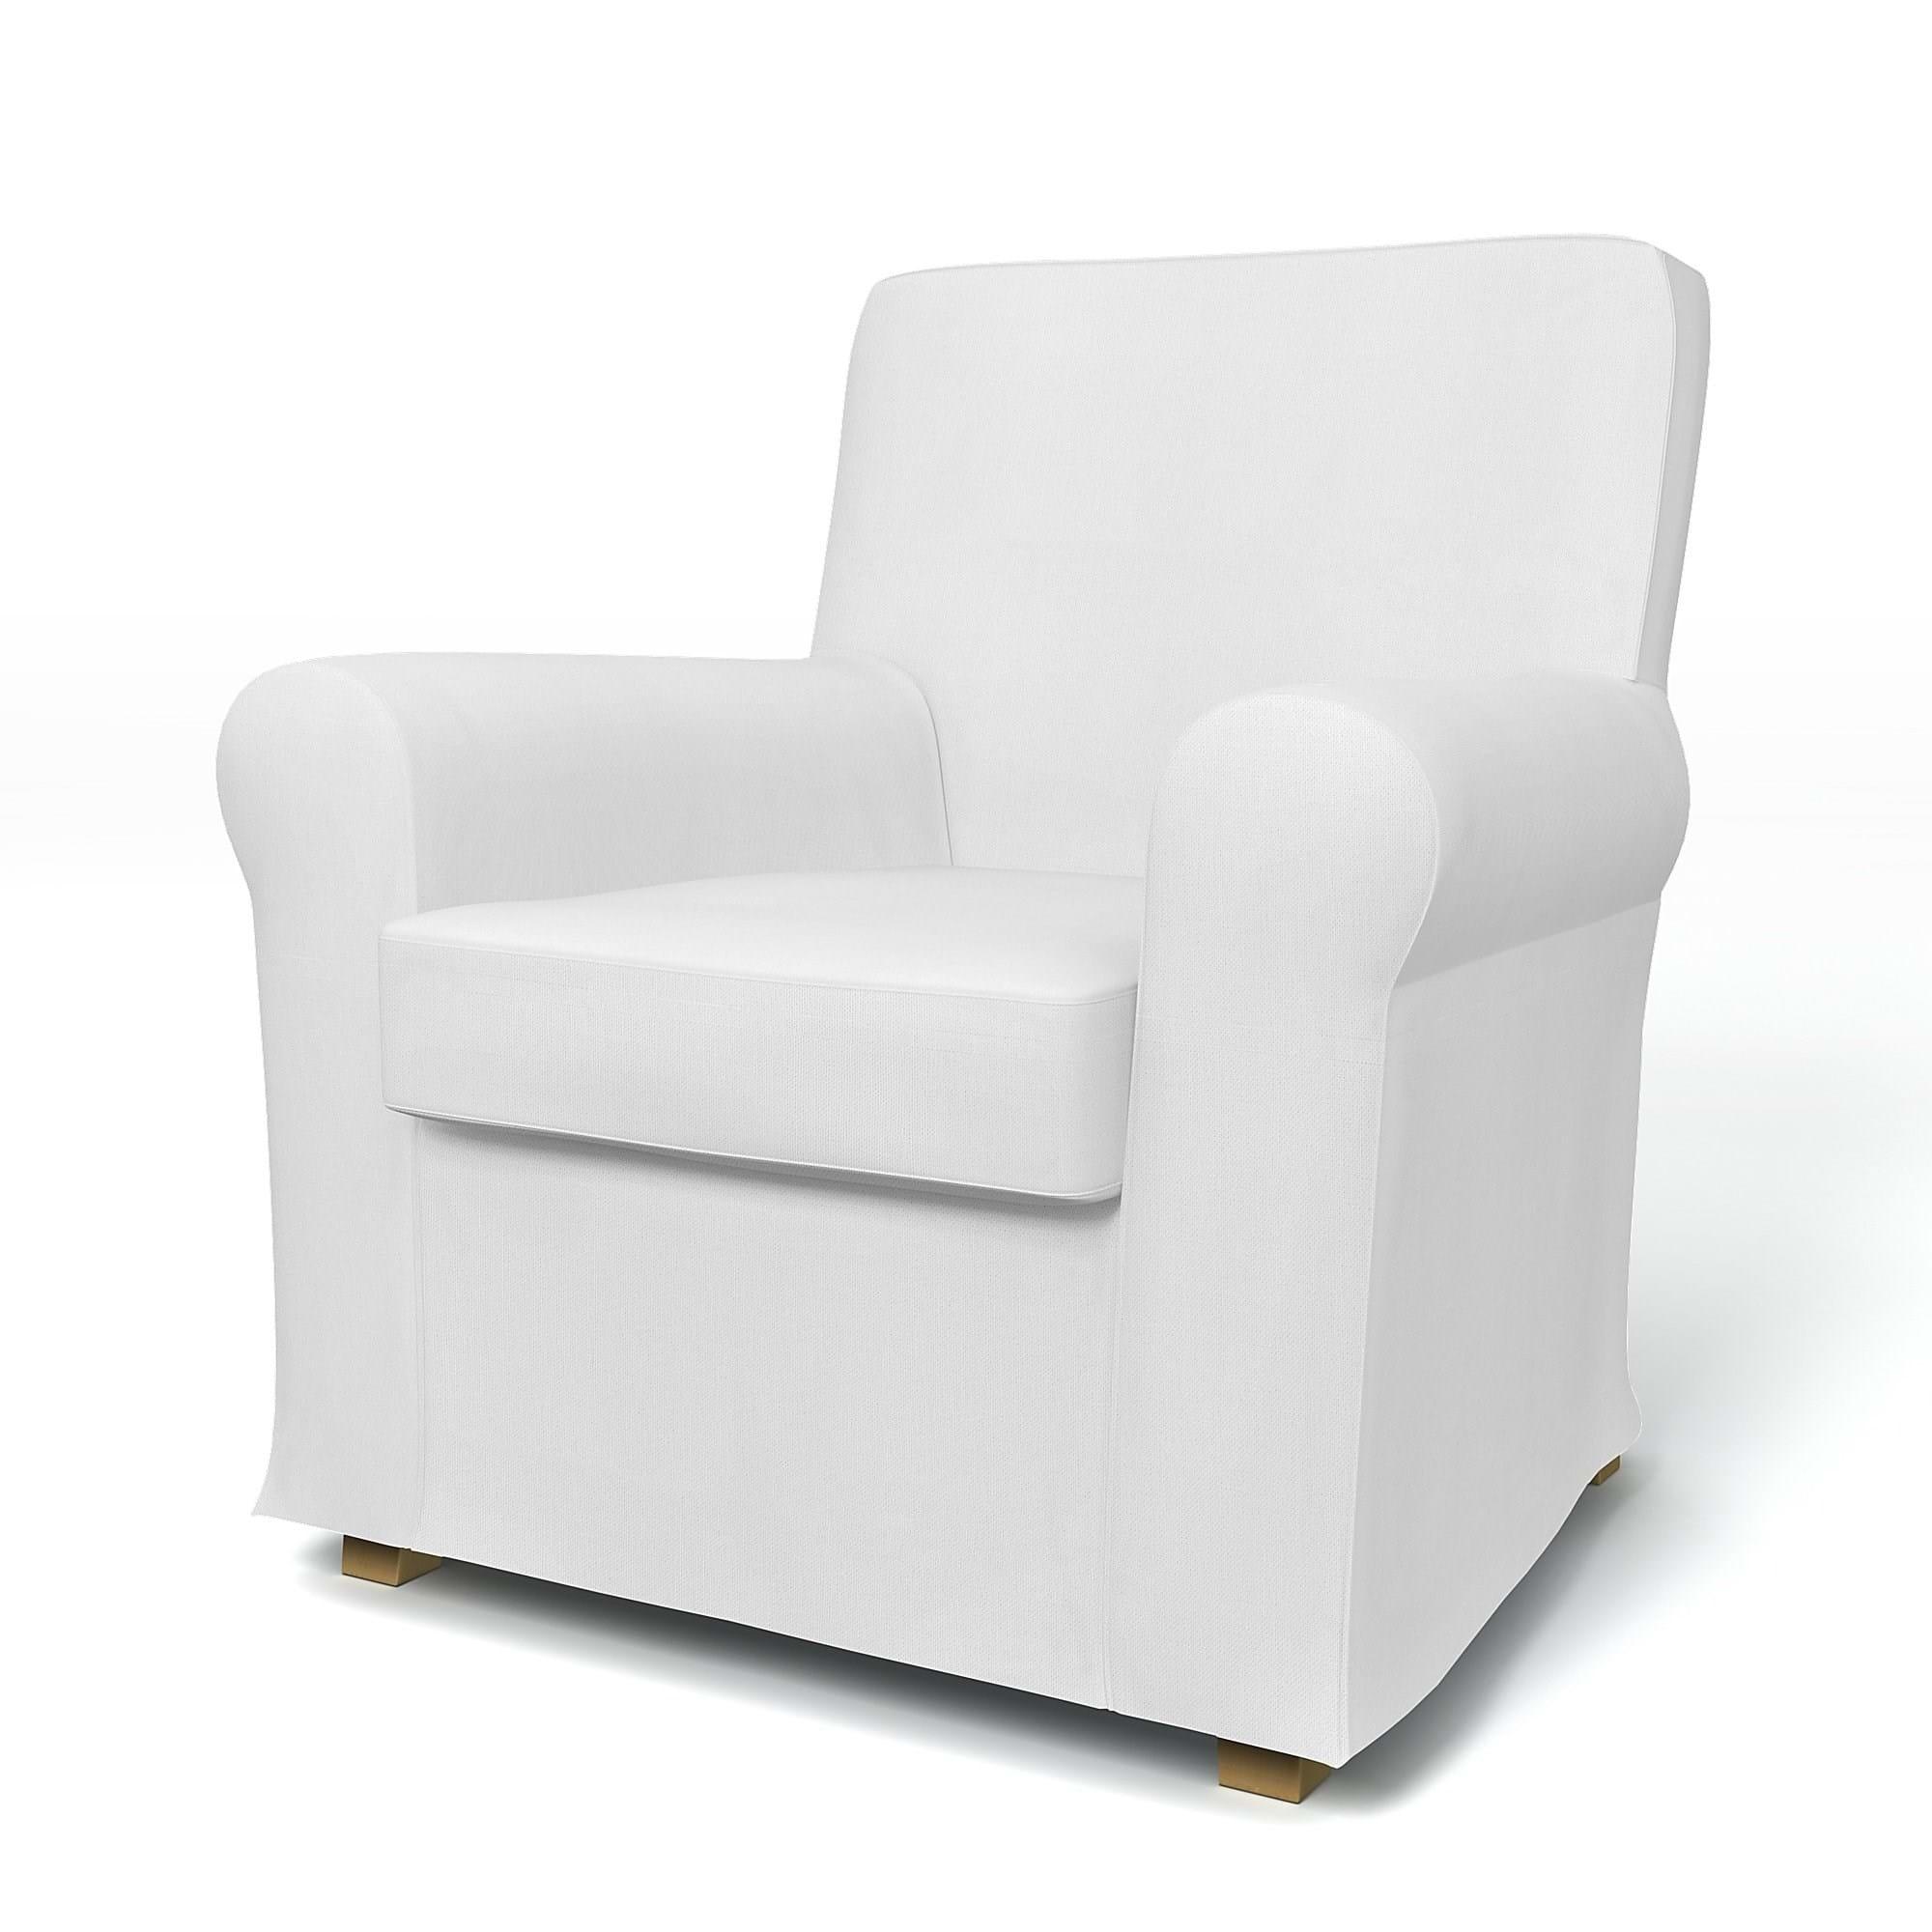 housses de rechange pour fauteuils ikea